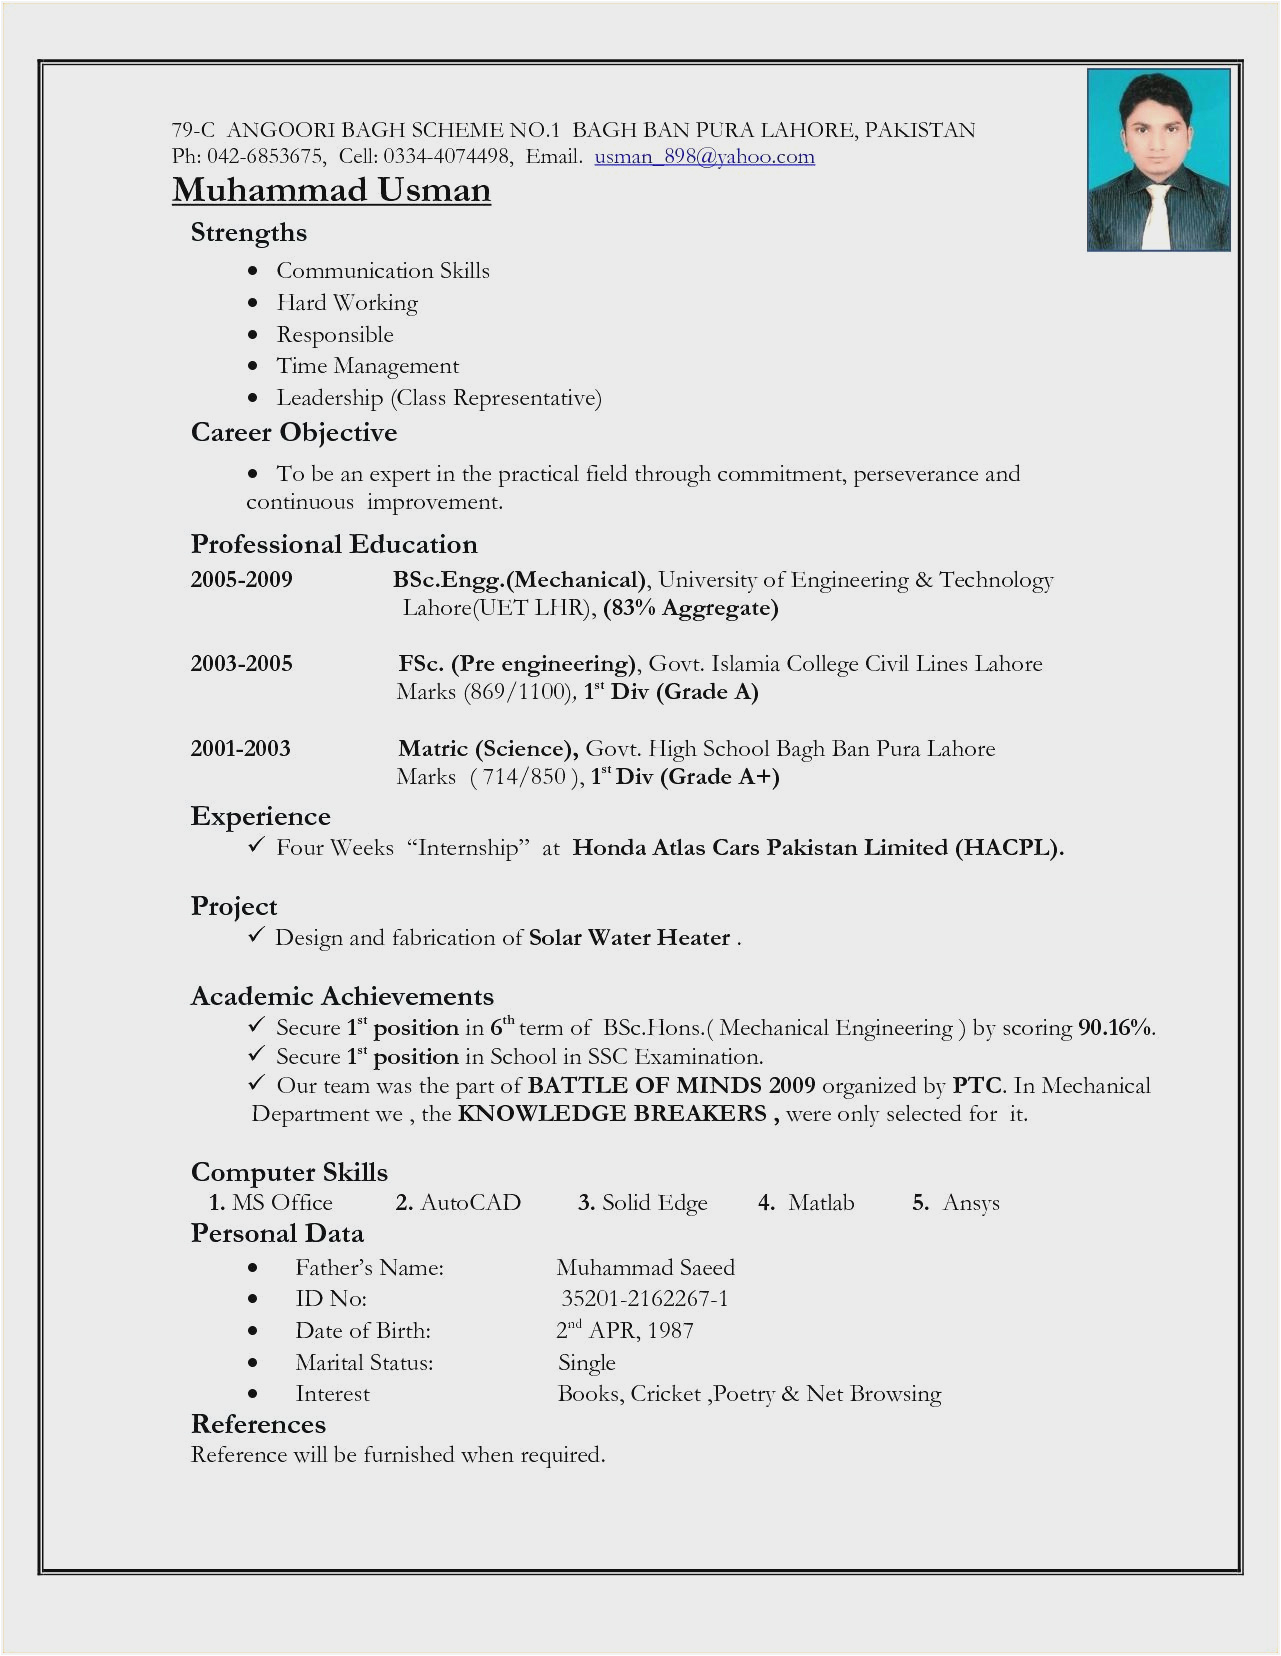 Best Resume Sample for Fresher Civil Engineer Sample Resume for Experienced Civil Engineer In India